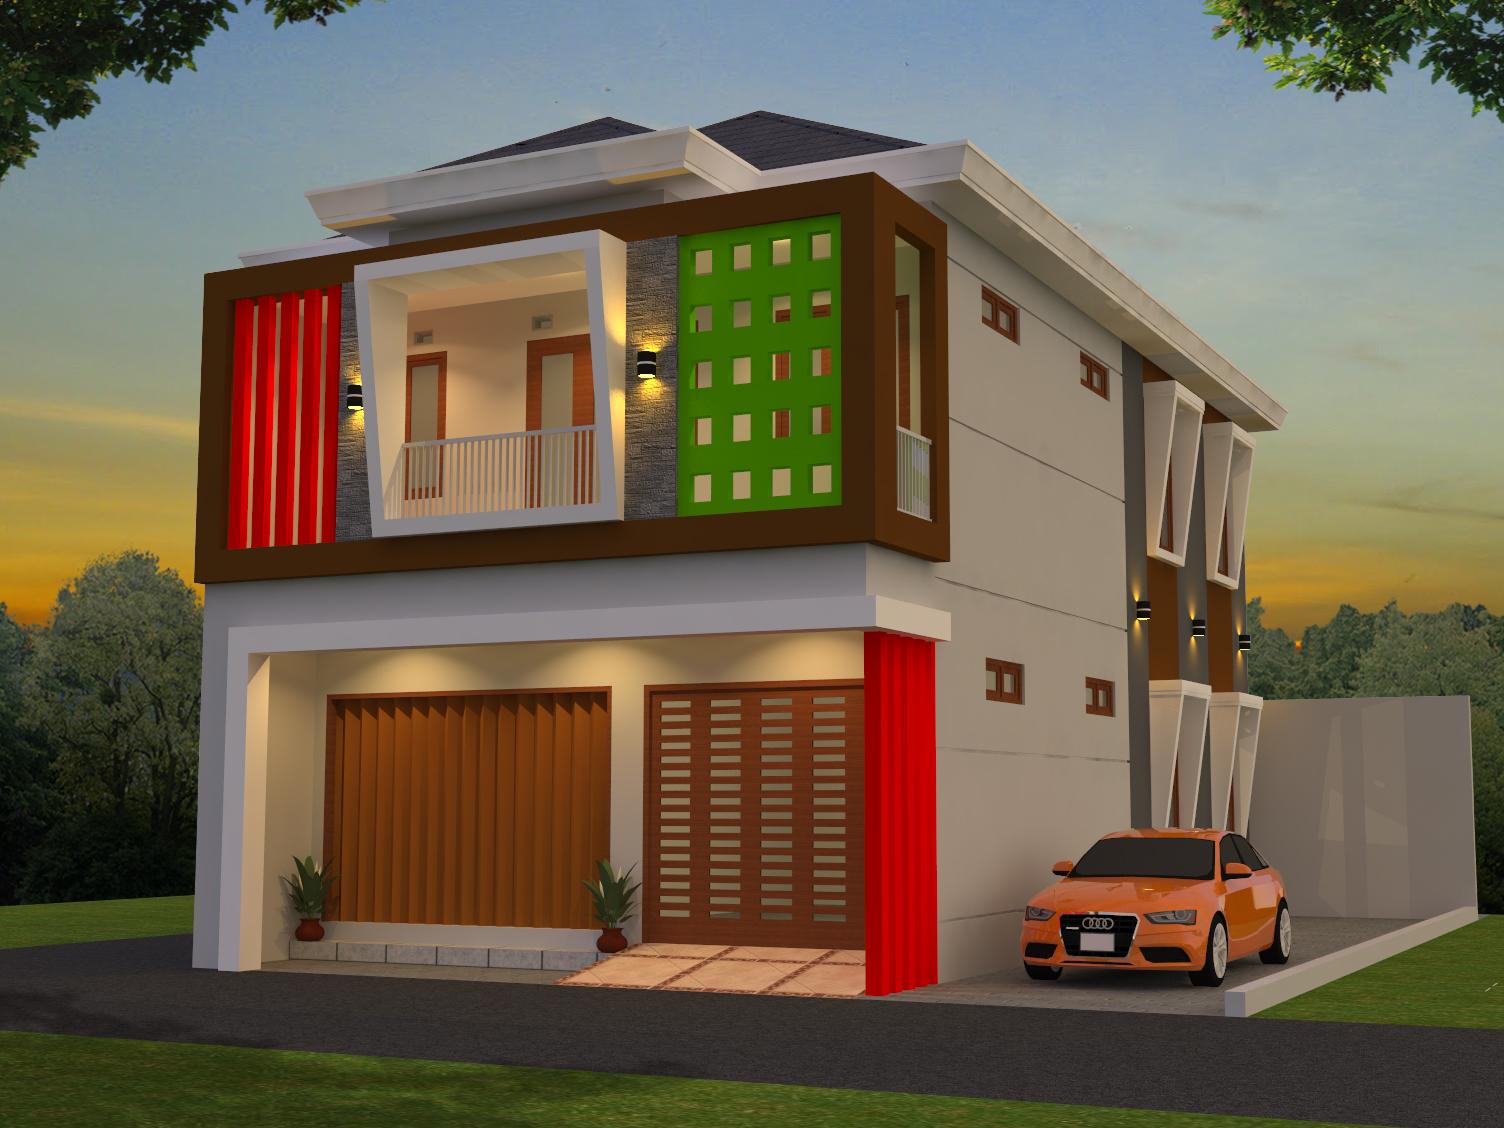 410 Koleksi Konsep Rumah Dan Toko Gratis Terbaru